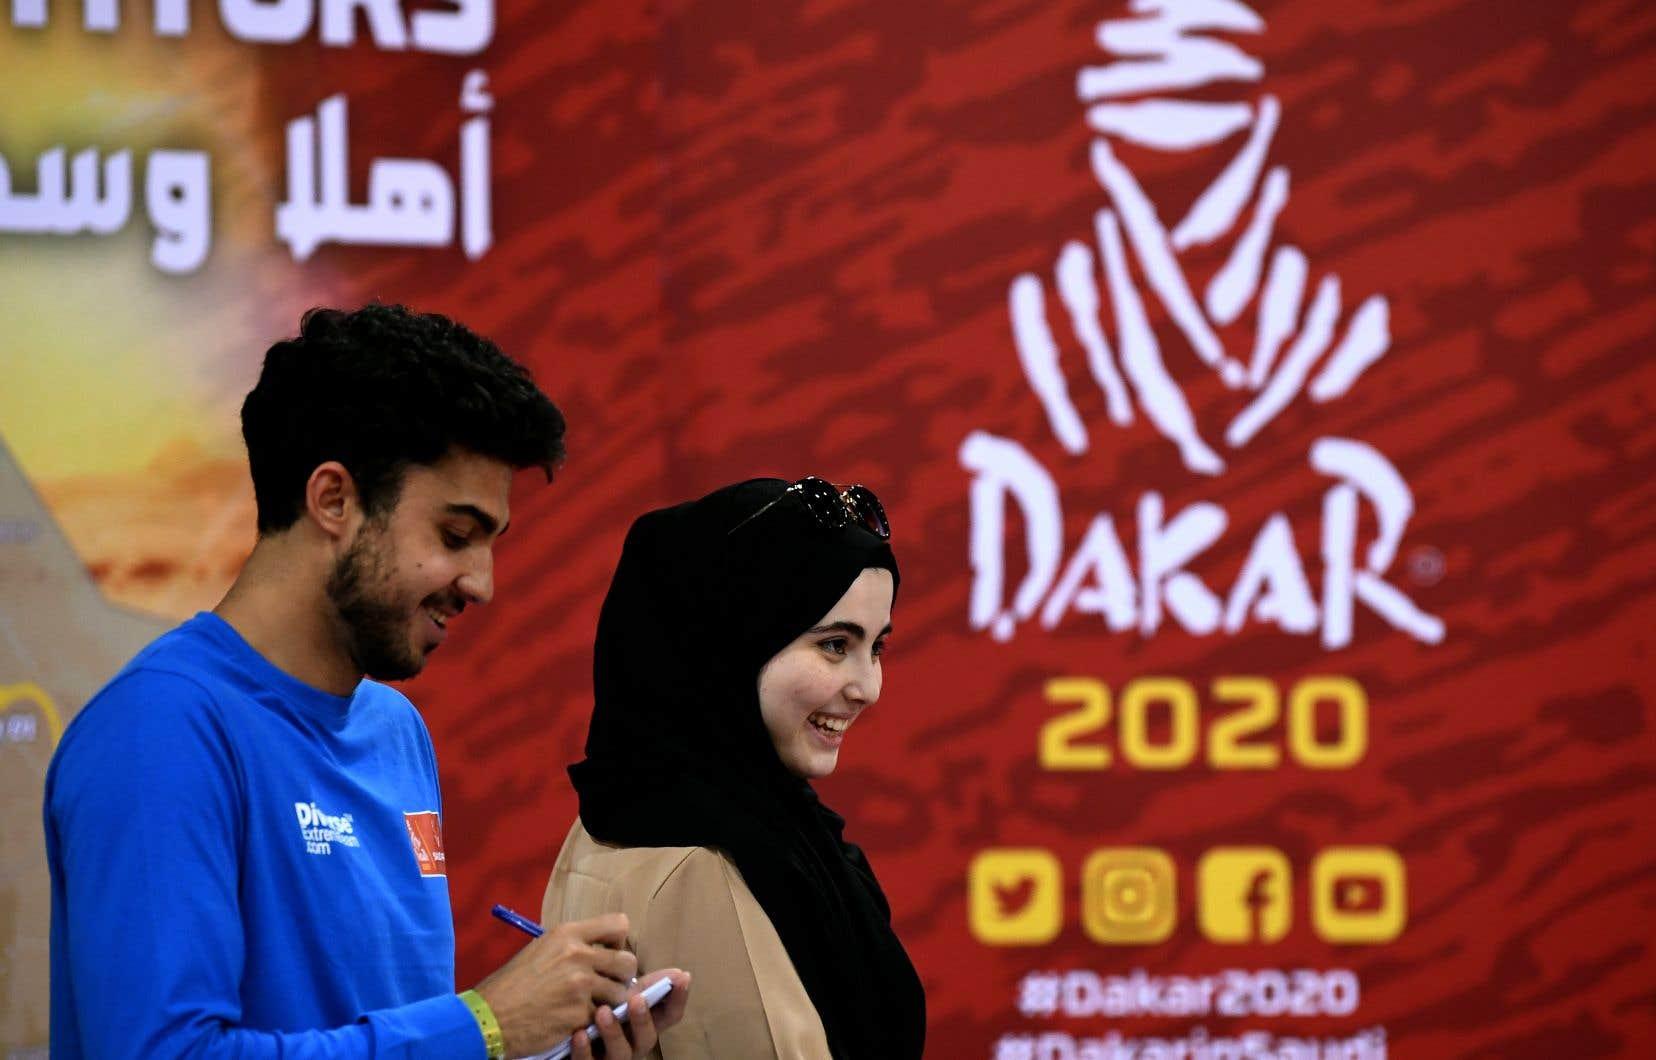 Du 5 au 17 janvier, l'Arabie saoudite accueillera le rallye Dakar pour la première fois.